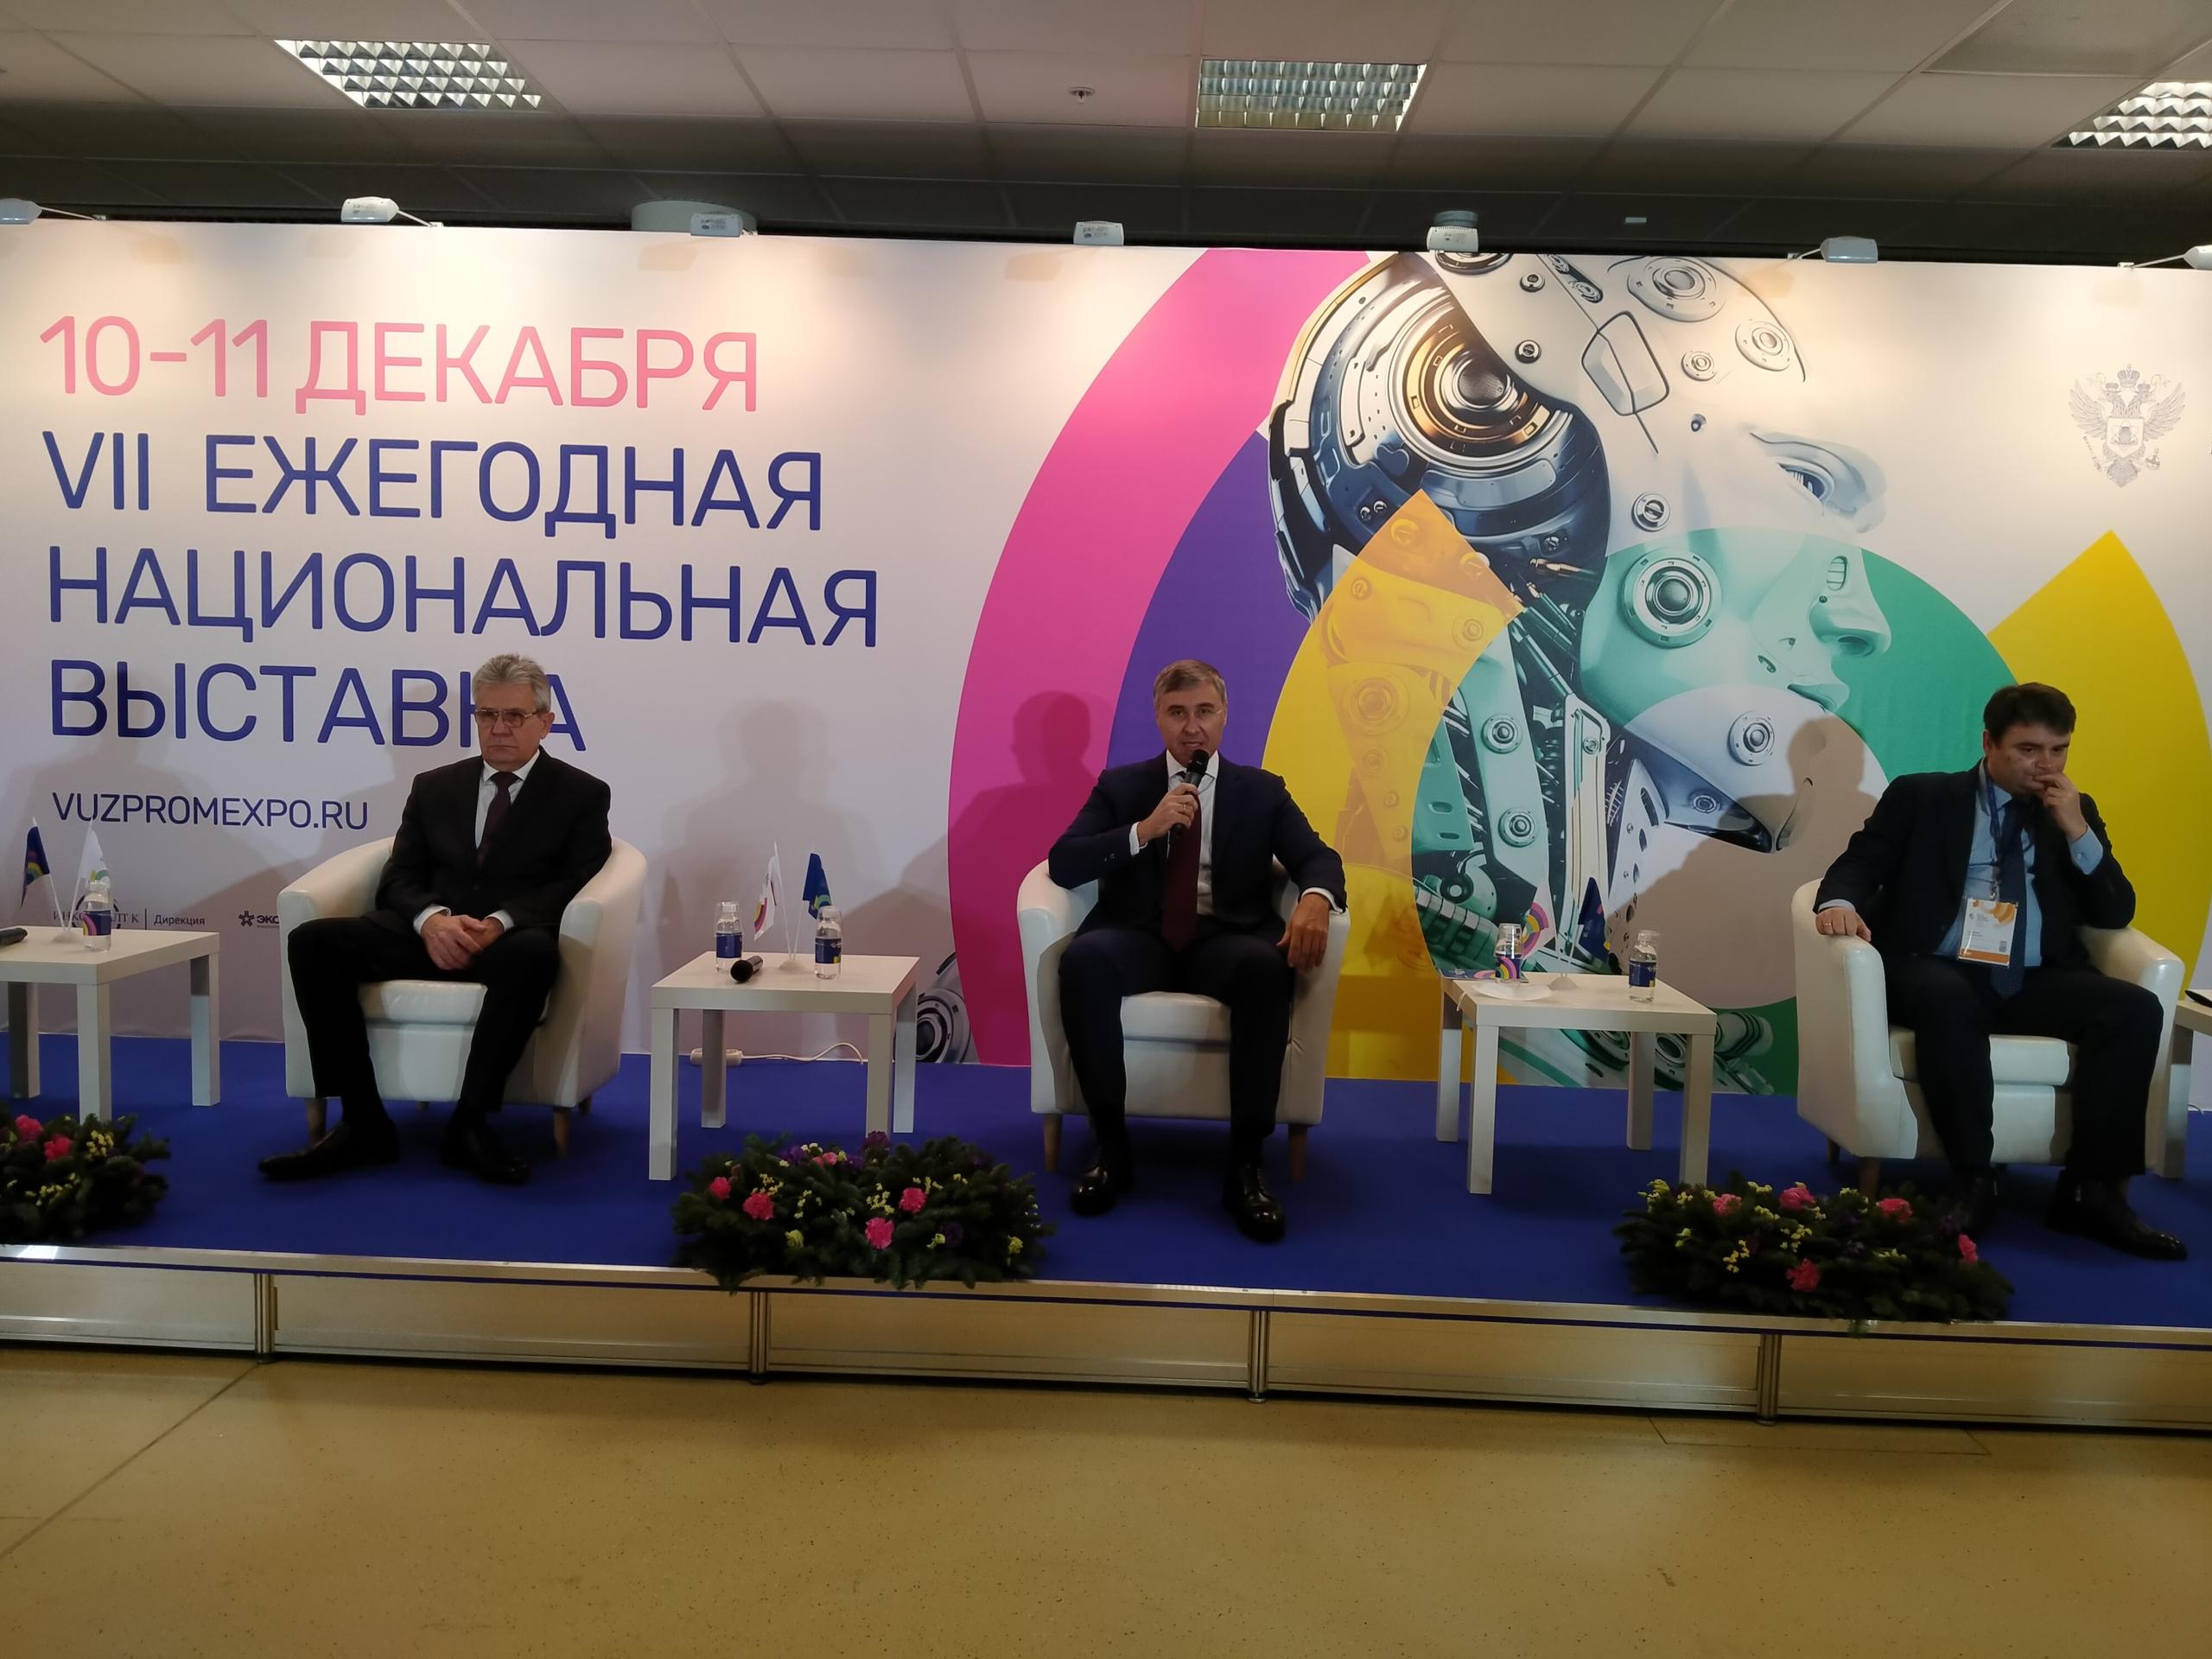 ТГТУ представил научные разработки на национальной выставке